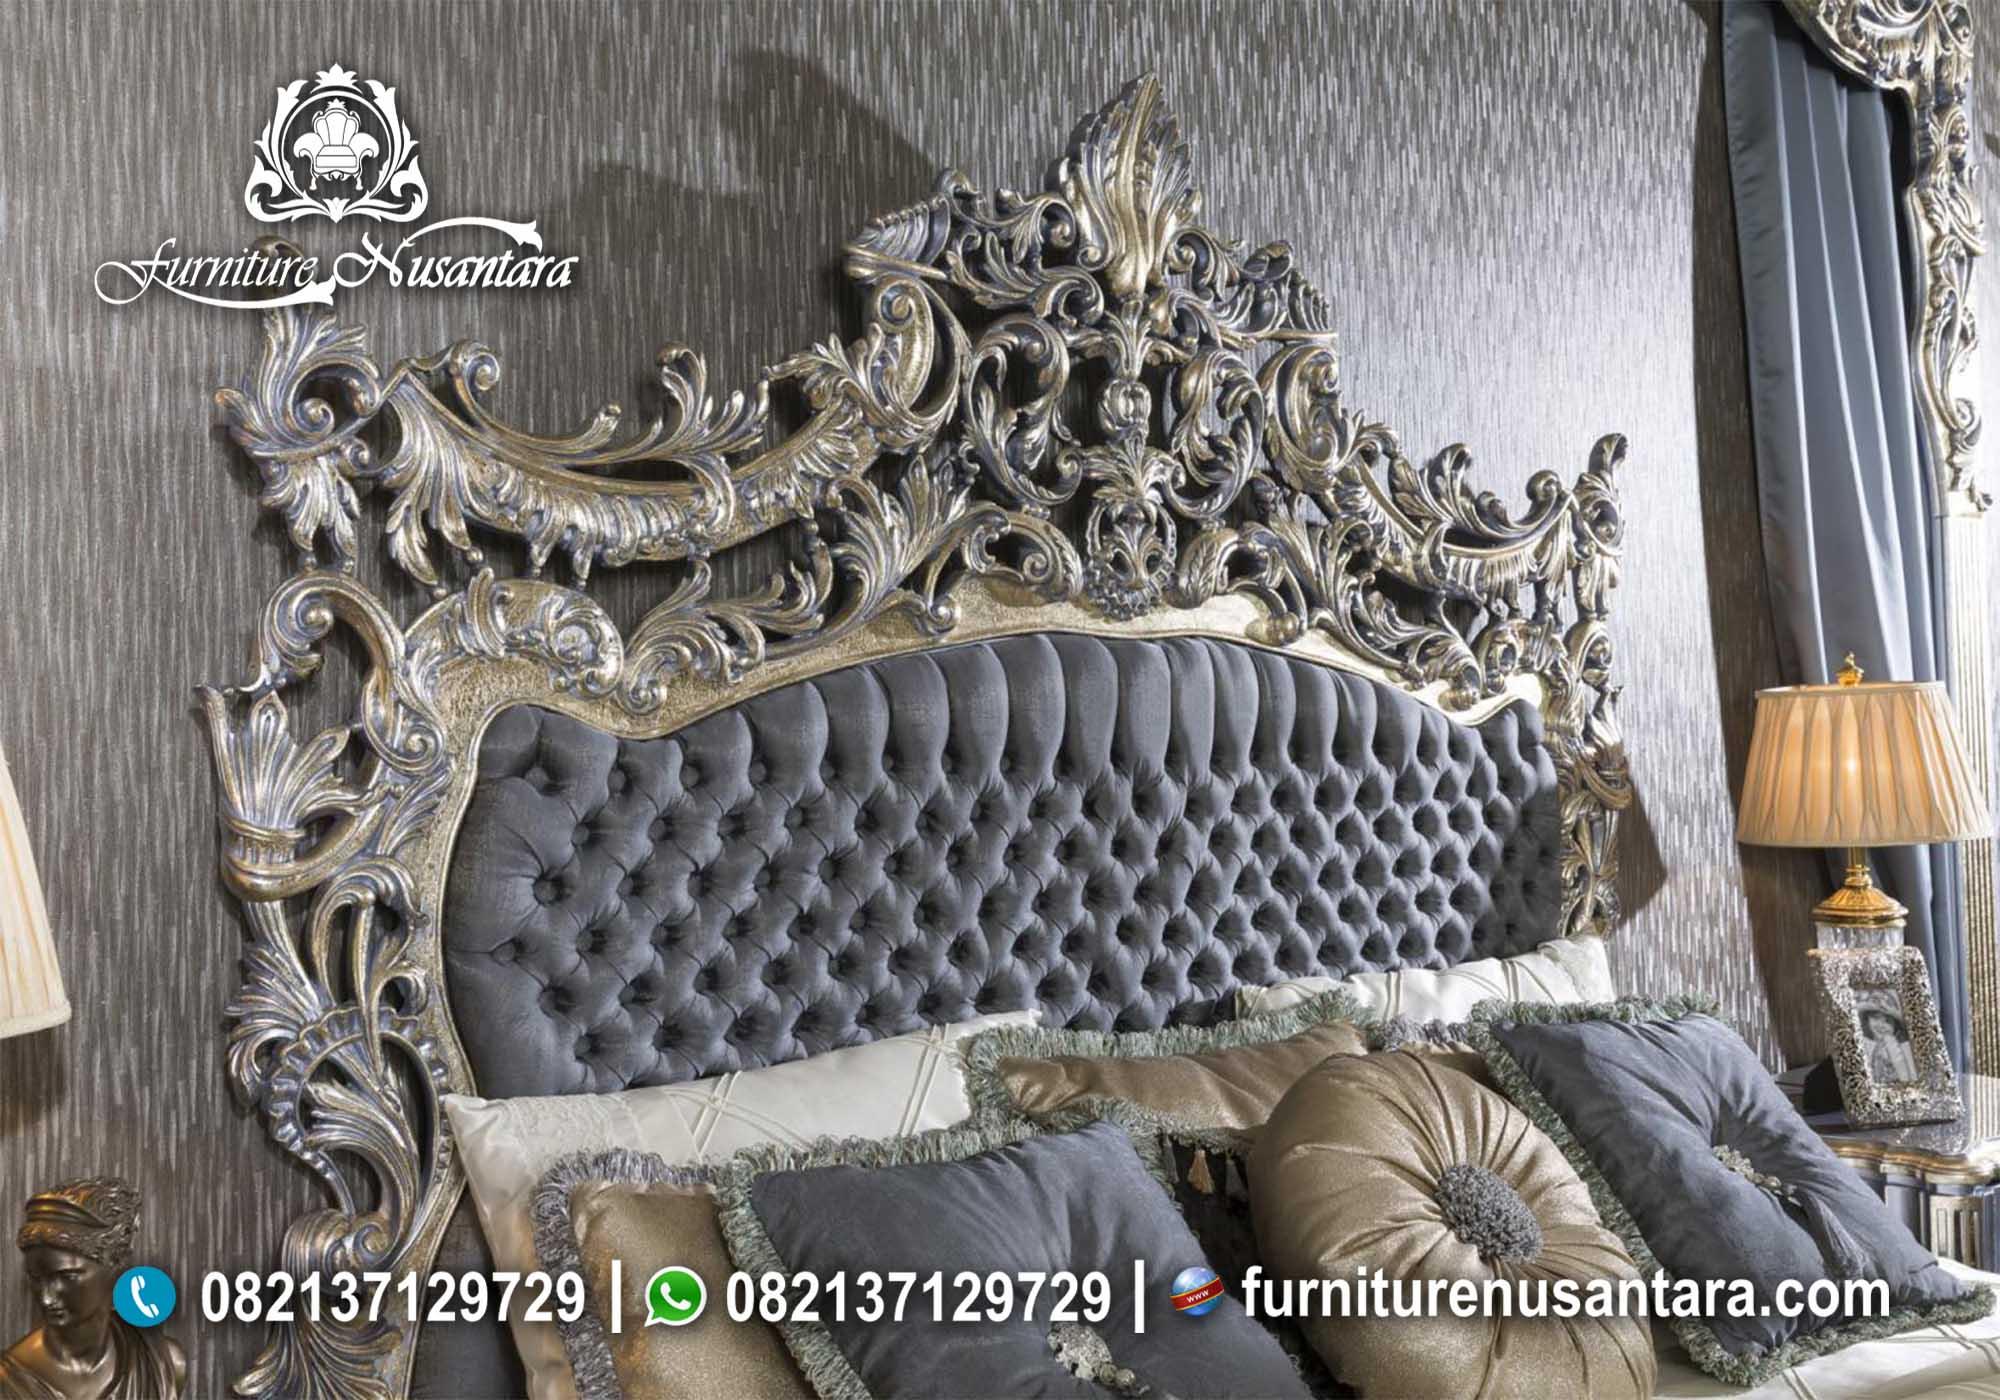 Kamar Set Luxury Mewah Terbaru 2020 KS-12, Furniture Nusantara